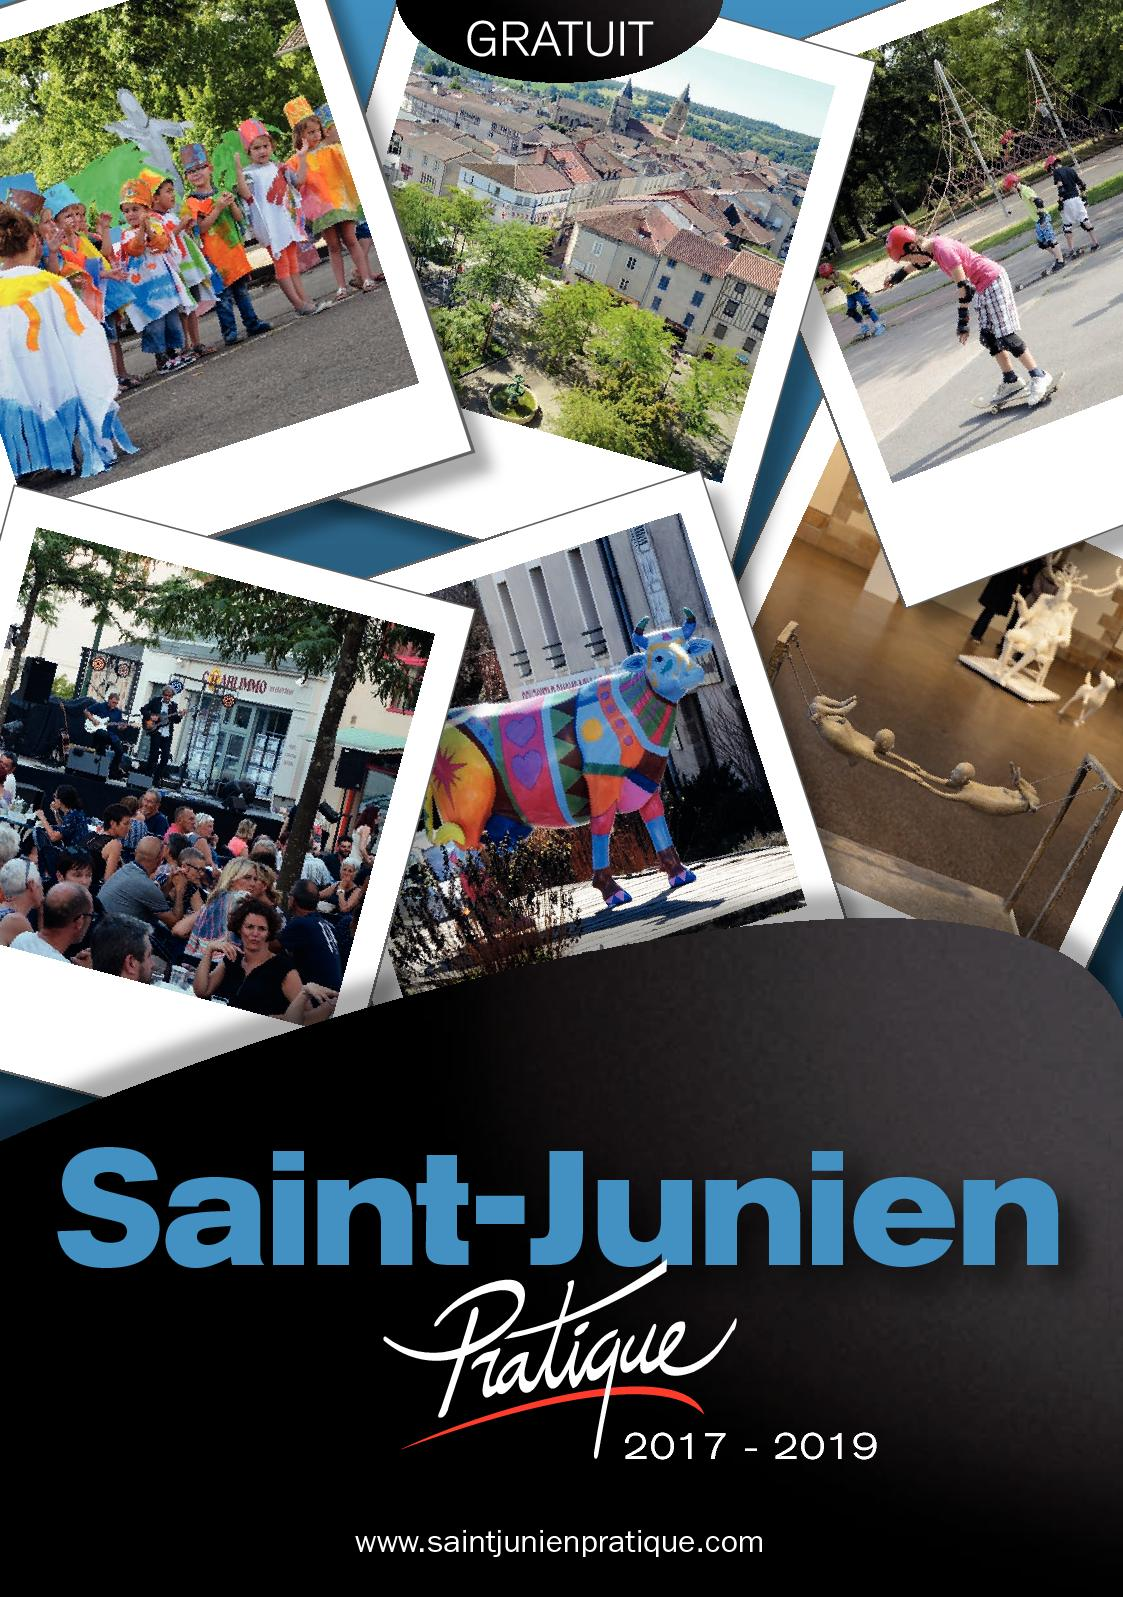 Calam o saint junien pratique 2017 2019 - Office de tourisme saint junien ...